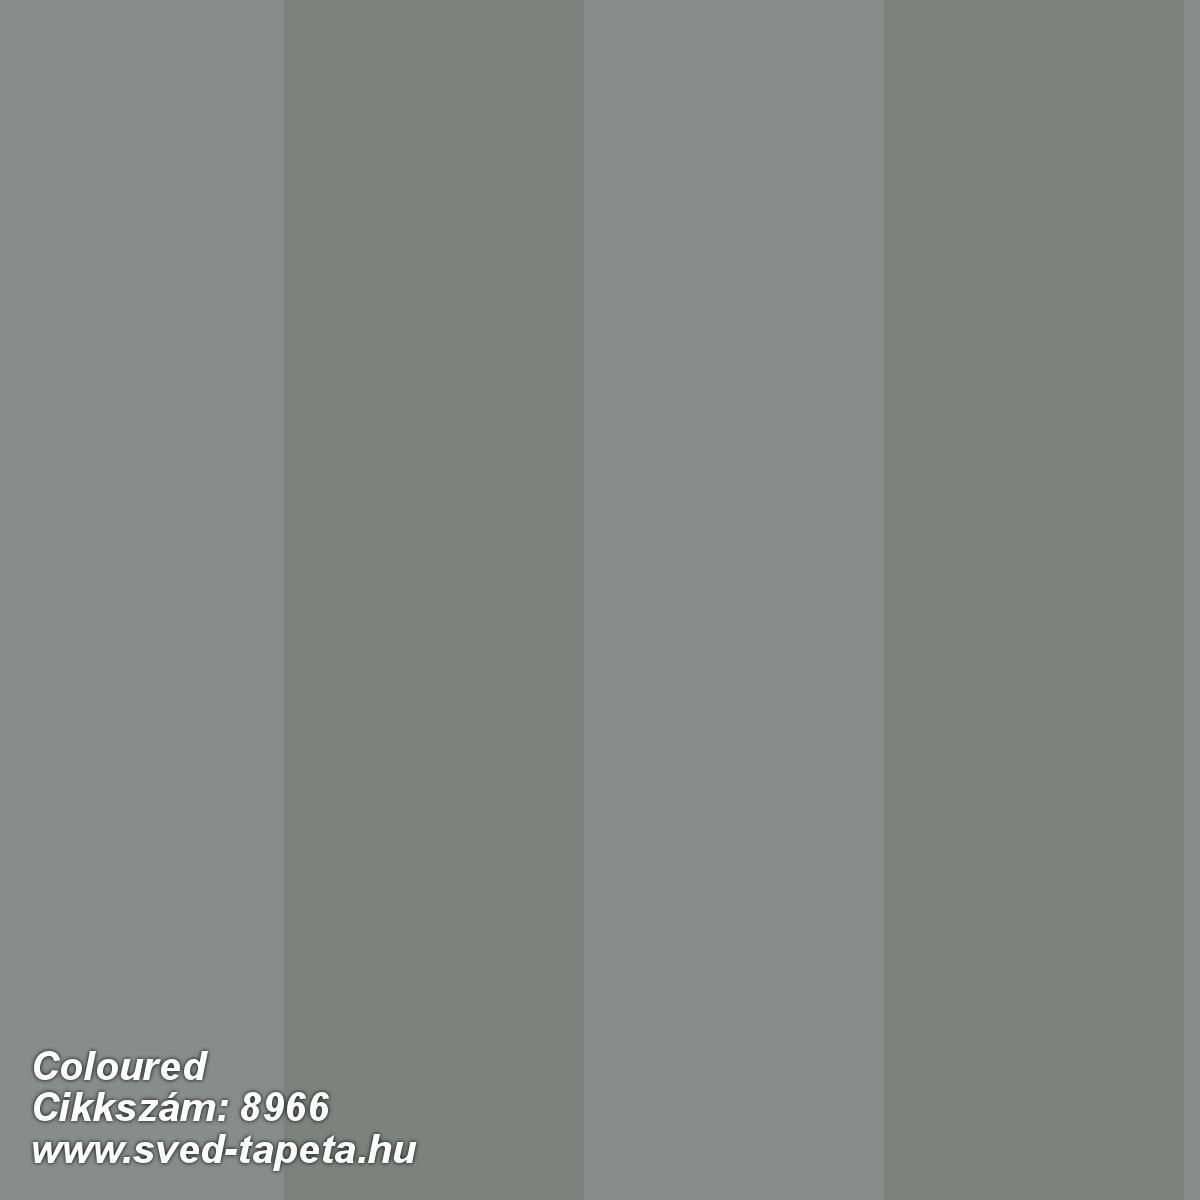 Coloured 8966 cikkszámú svéd ECOgyártmányú designtapéta